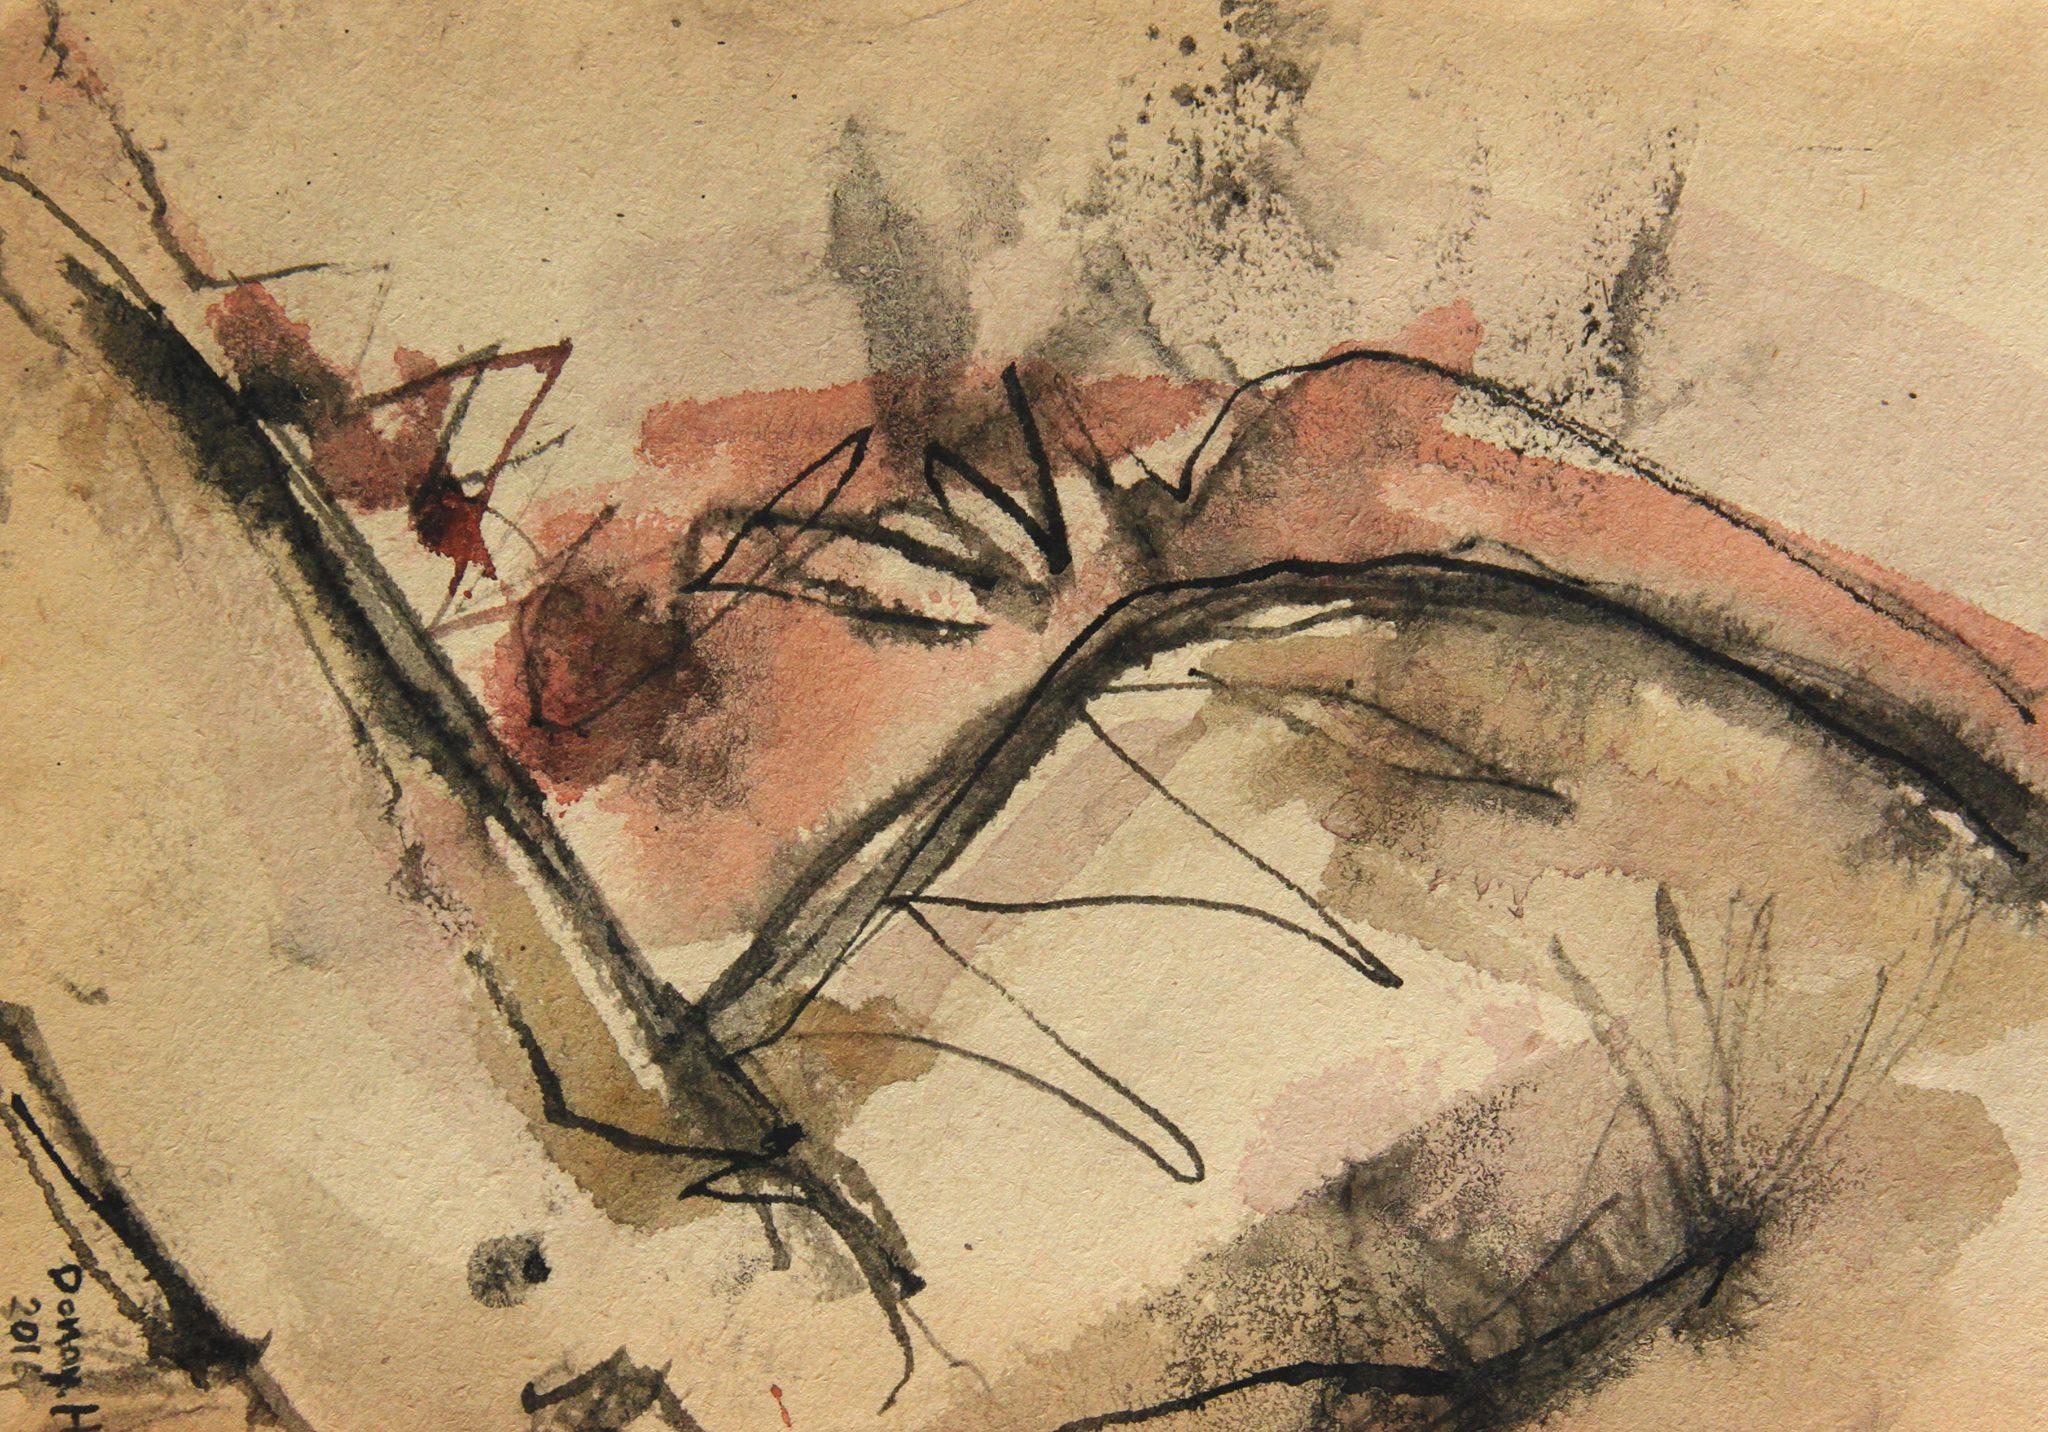 Выставка сирийской художницы Donay Habbak «Unfinished» в галерее RedGift